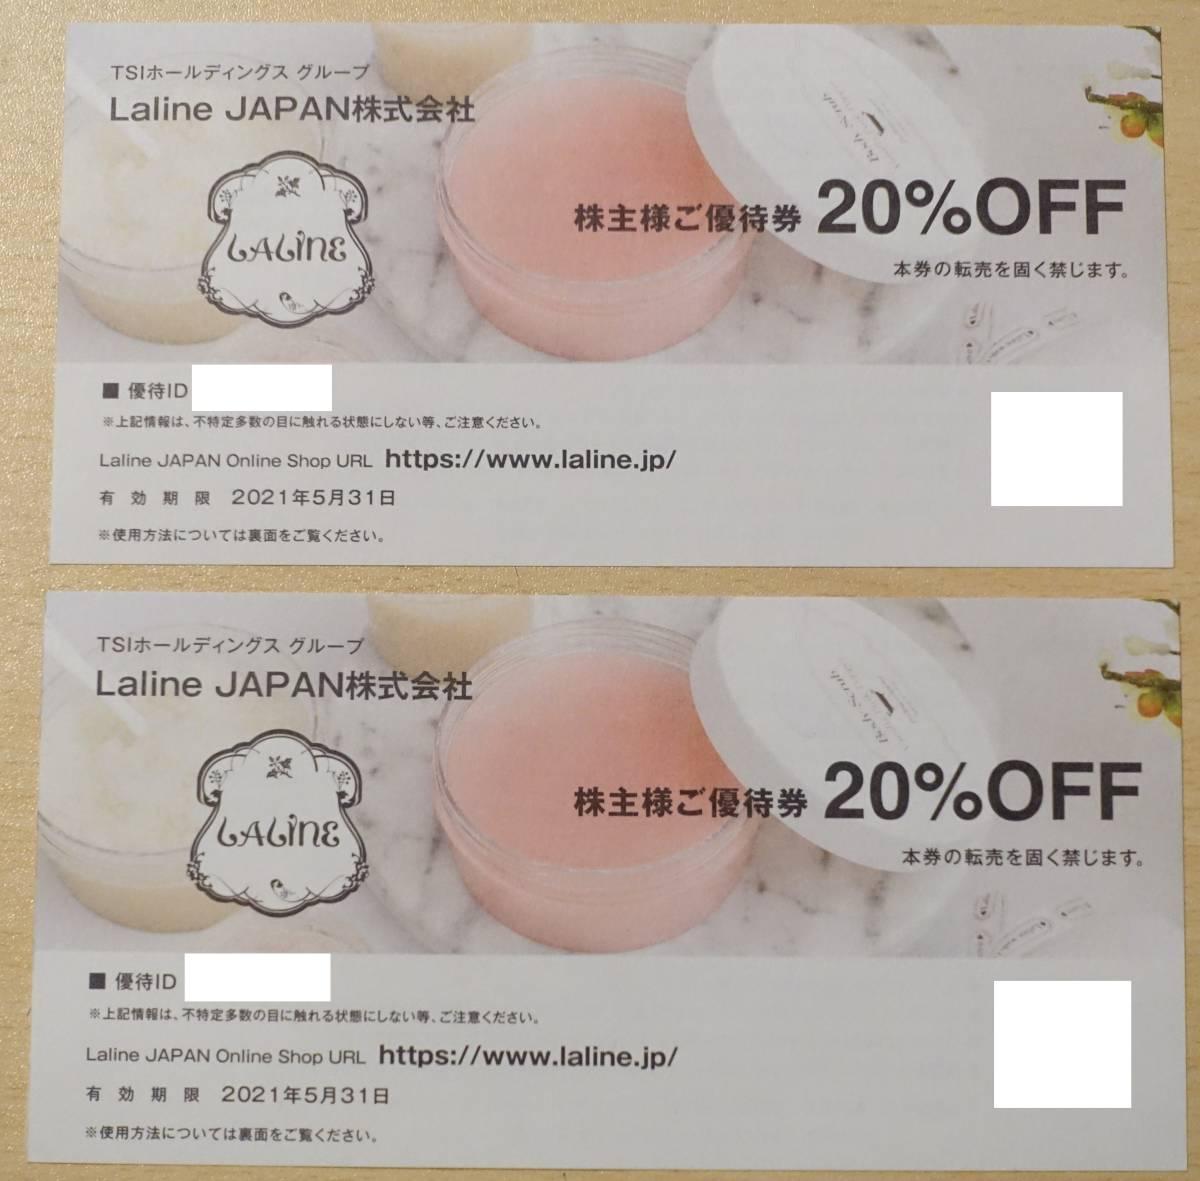 ★送料なし★TSI 株主優待券 Laline JAPAN/ラリンジャパン 20%OFF割引券 2枚 2021年5月31日まで有効★_画像1